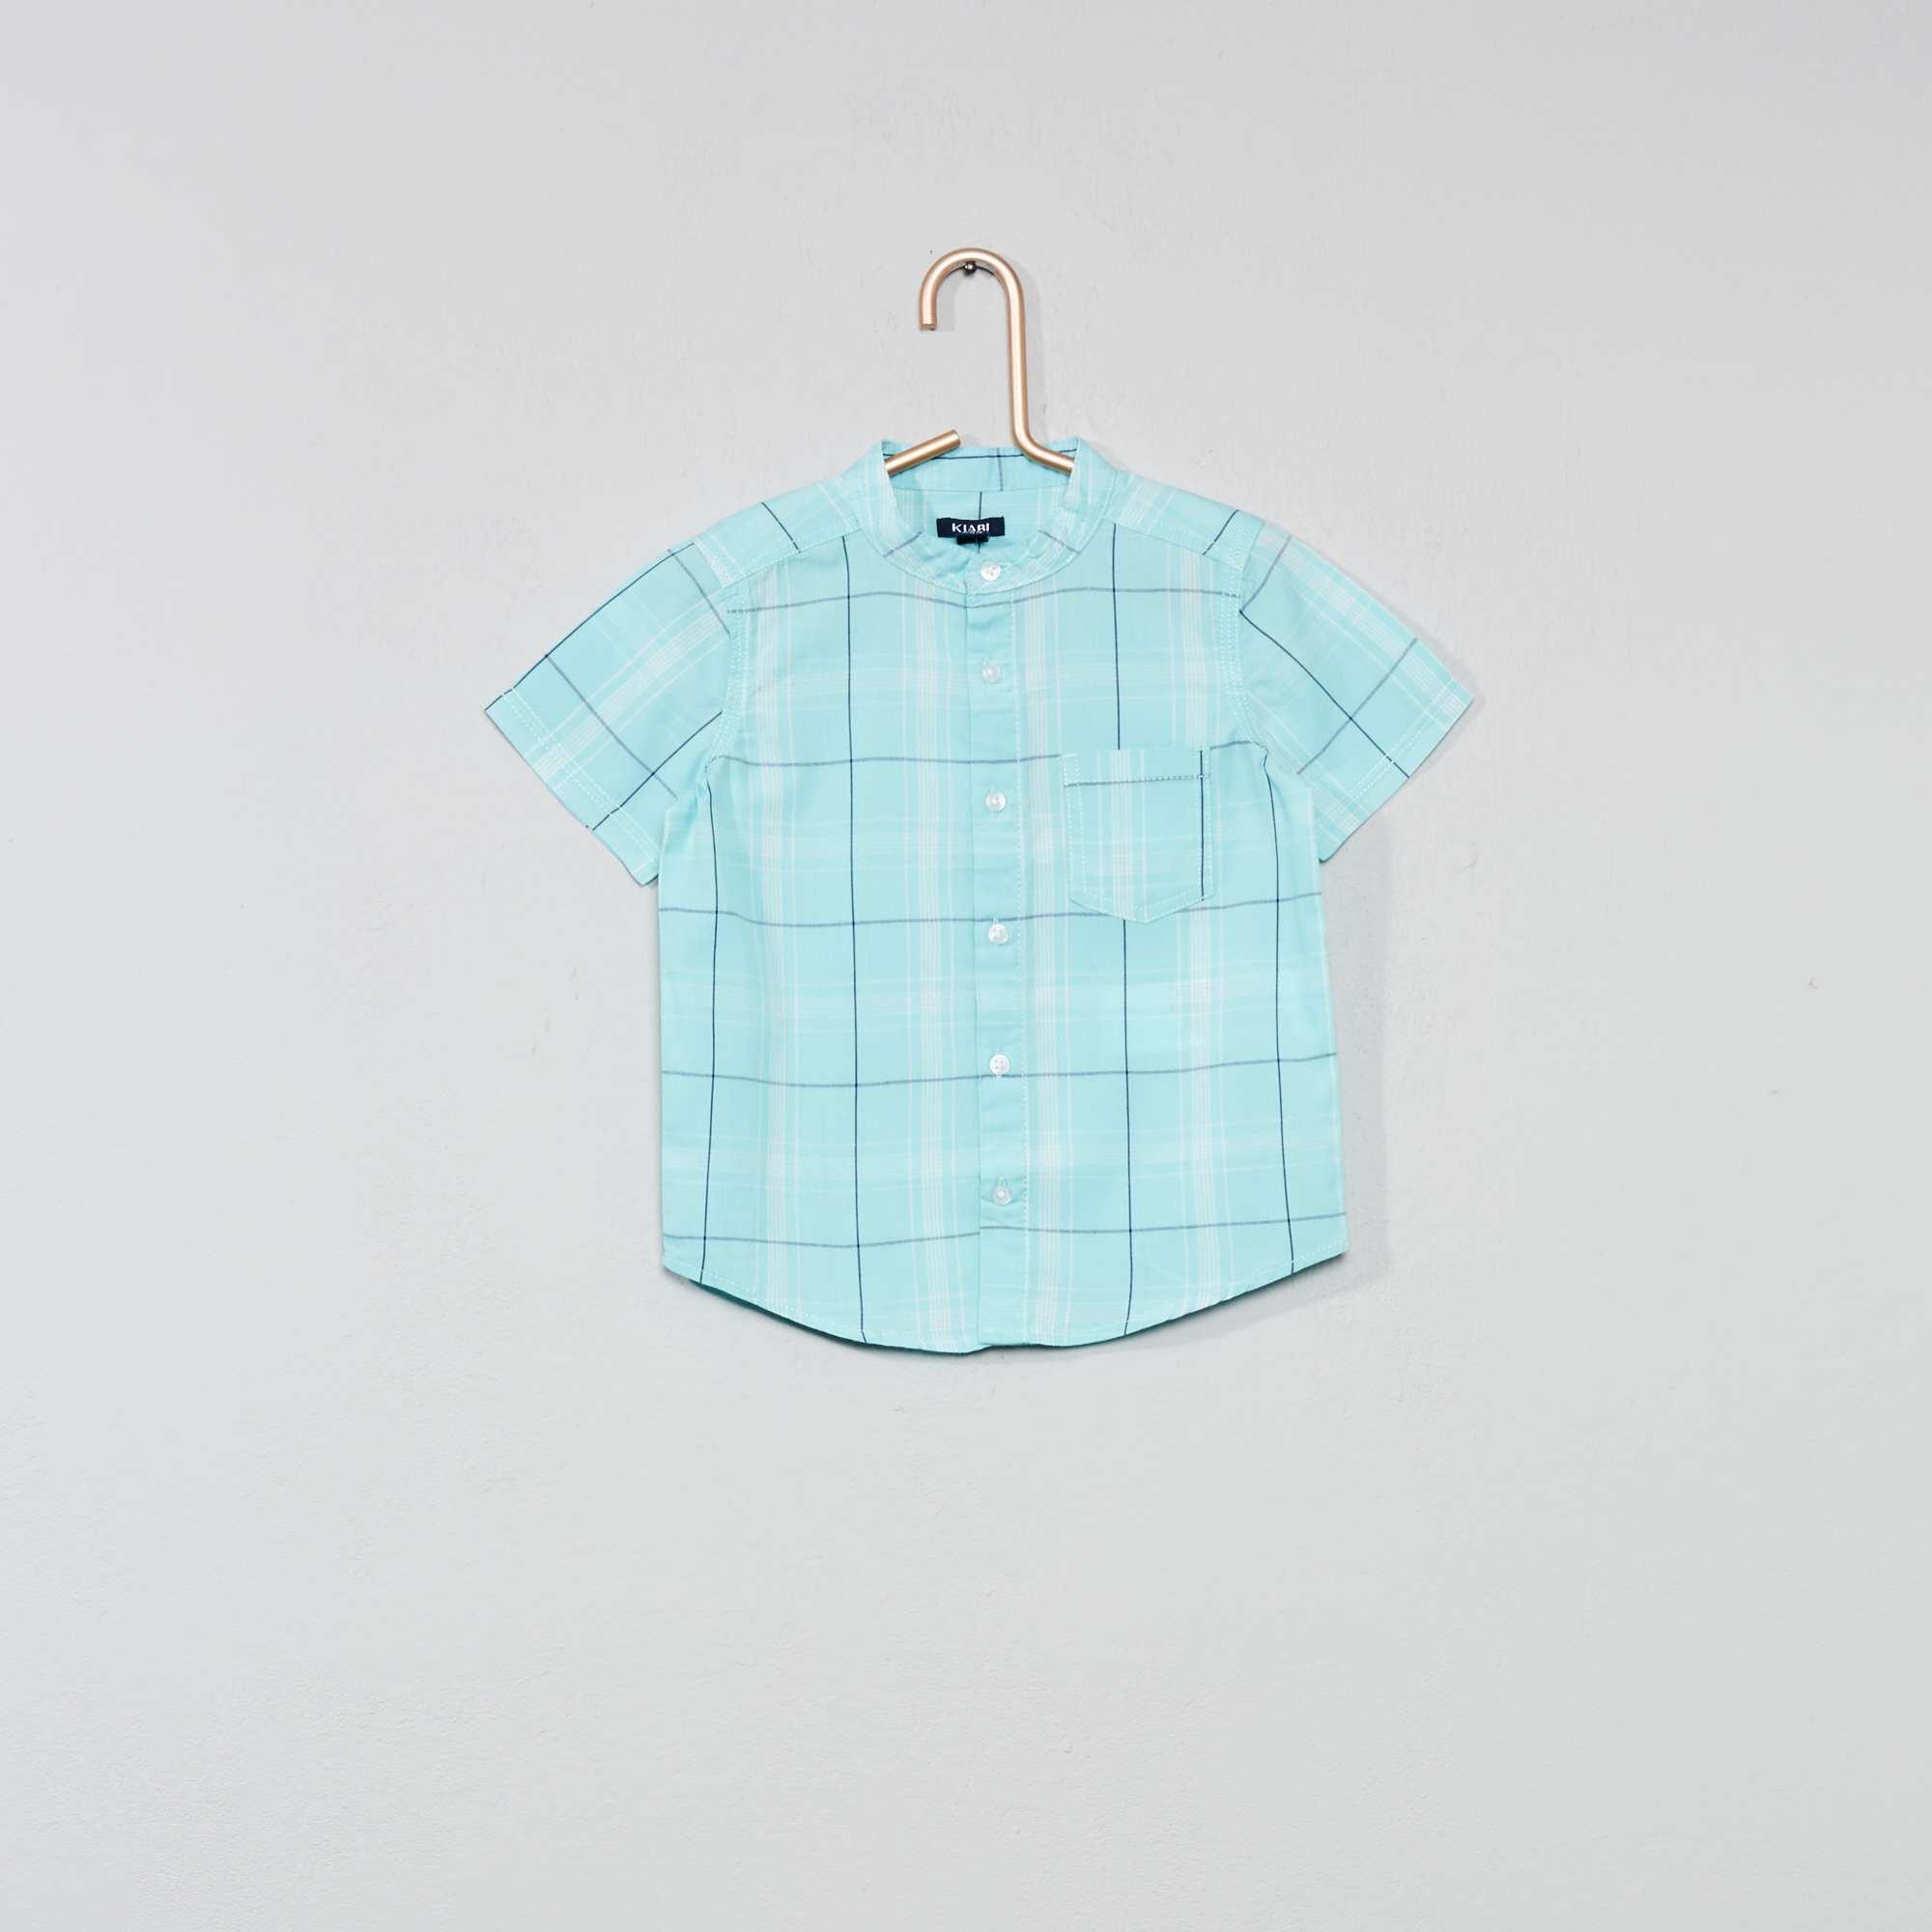 Groen Geruit Overhemd.Geruit Overhemd Jongens Babykleding Groen Kiabi 4 20